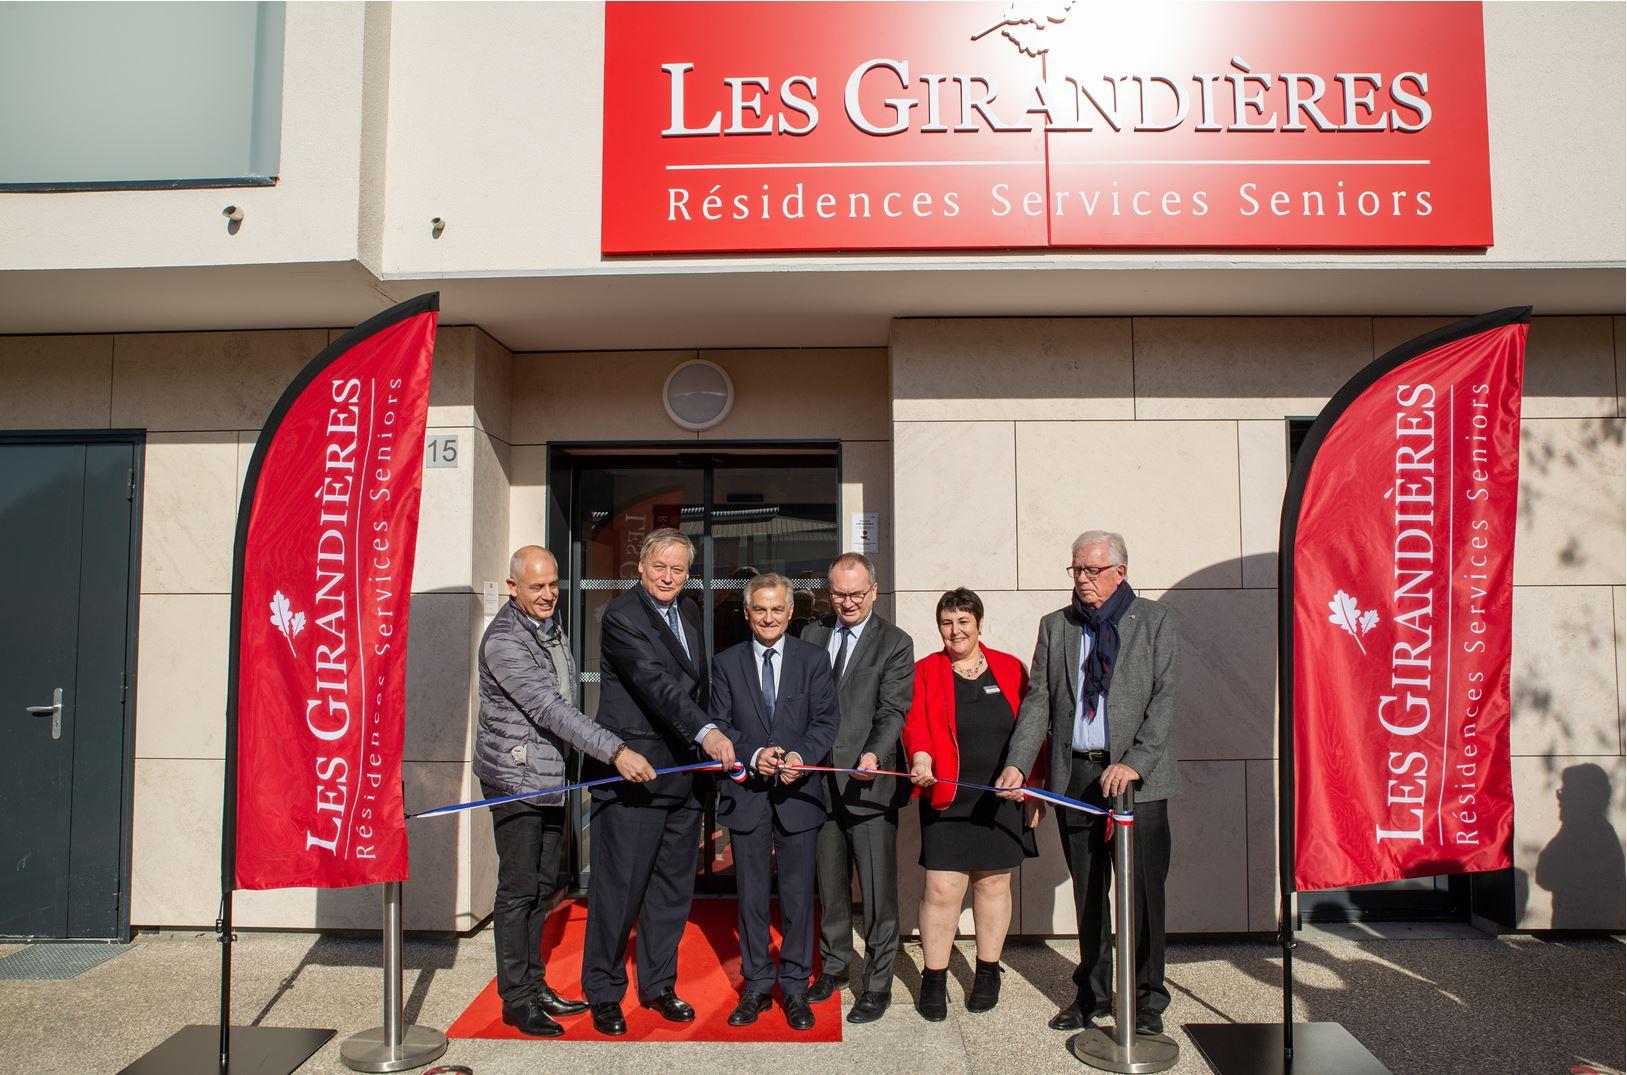 Inauguration de la résidence services seniors Les Girandières à Bourgoin-Jallieu #RésidenceSenior #LesGirandières #Bourgoin-Jallieu